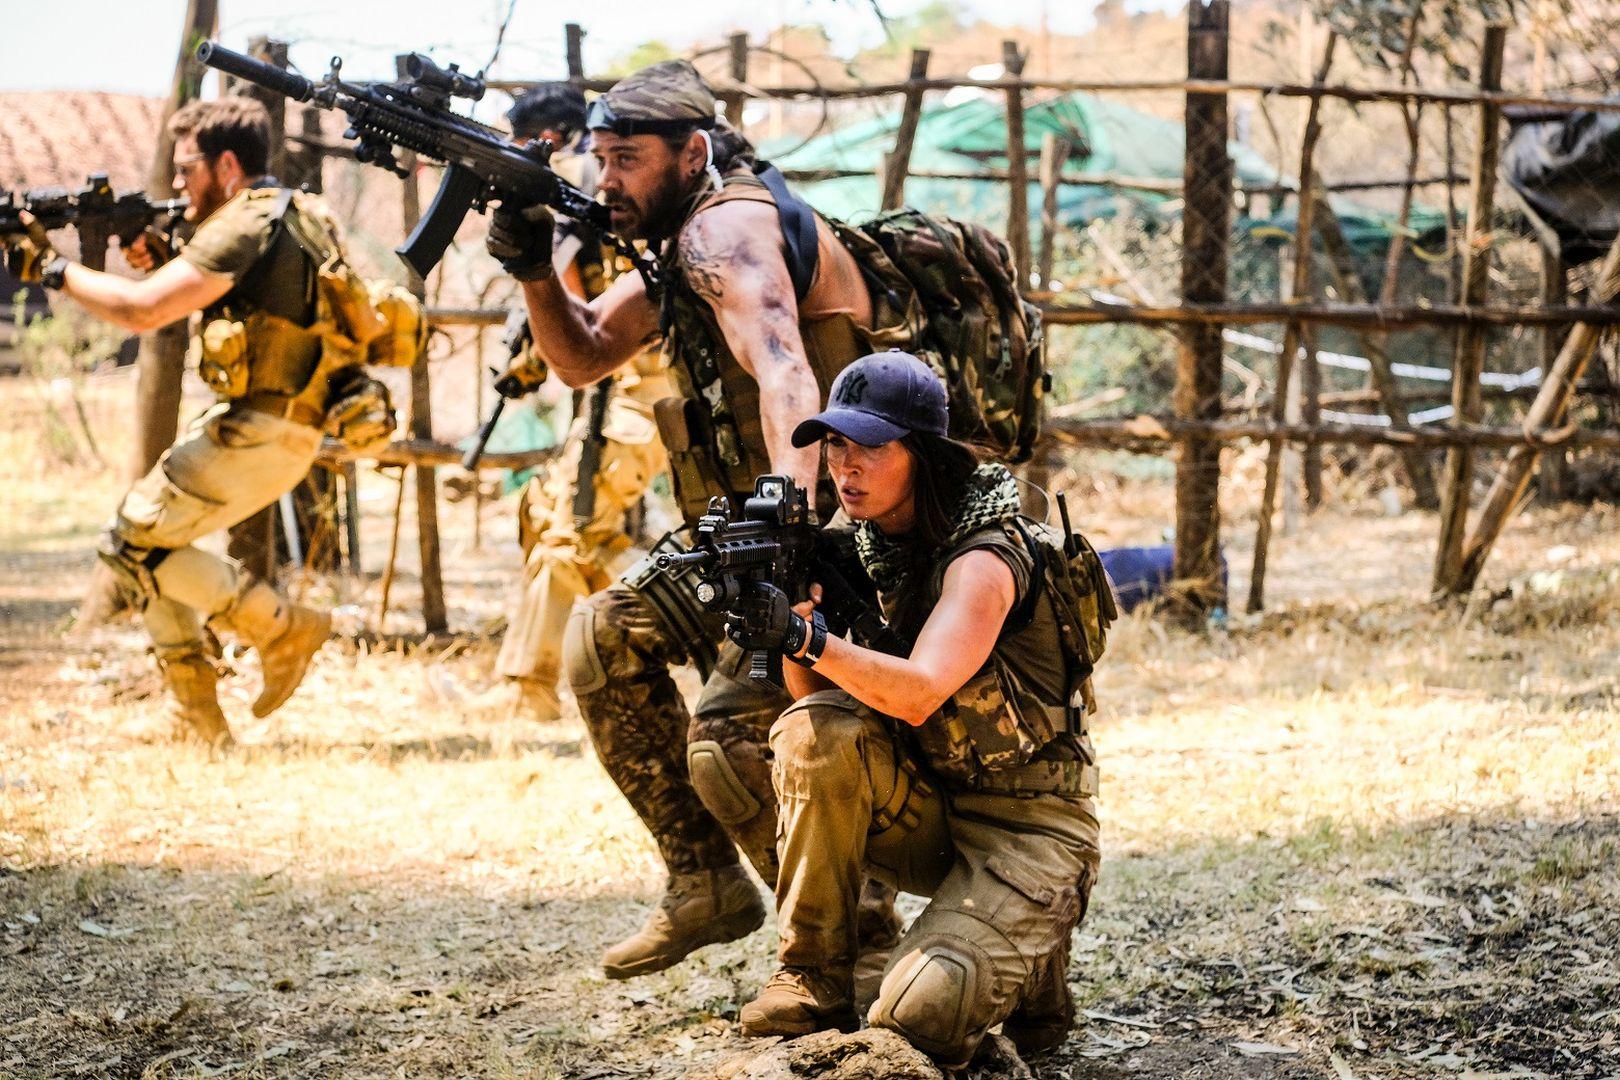 《重裝救援:全境獵殺》槍戰、爆破樣樣來!導演卻直言性感女神梅根福克斯「不會演」?!